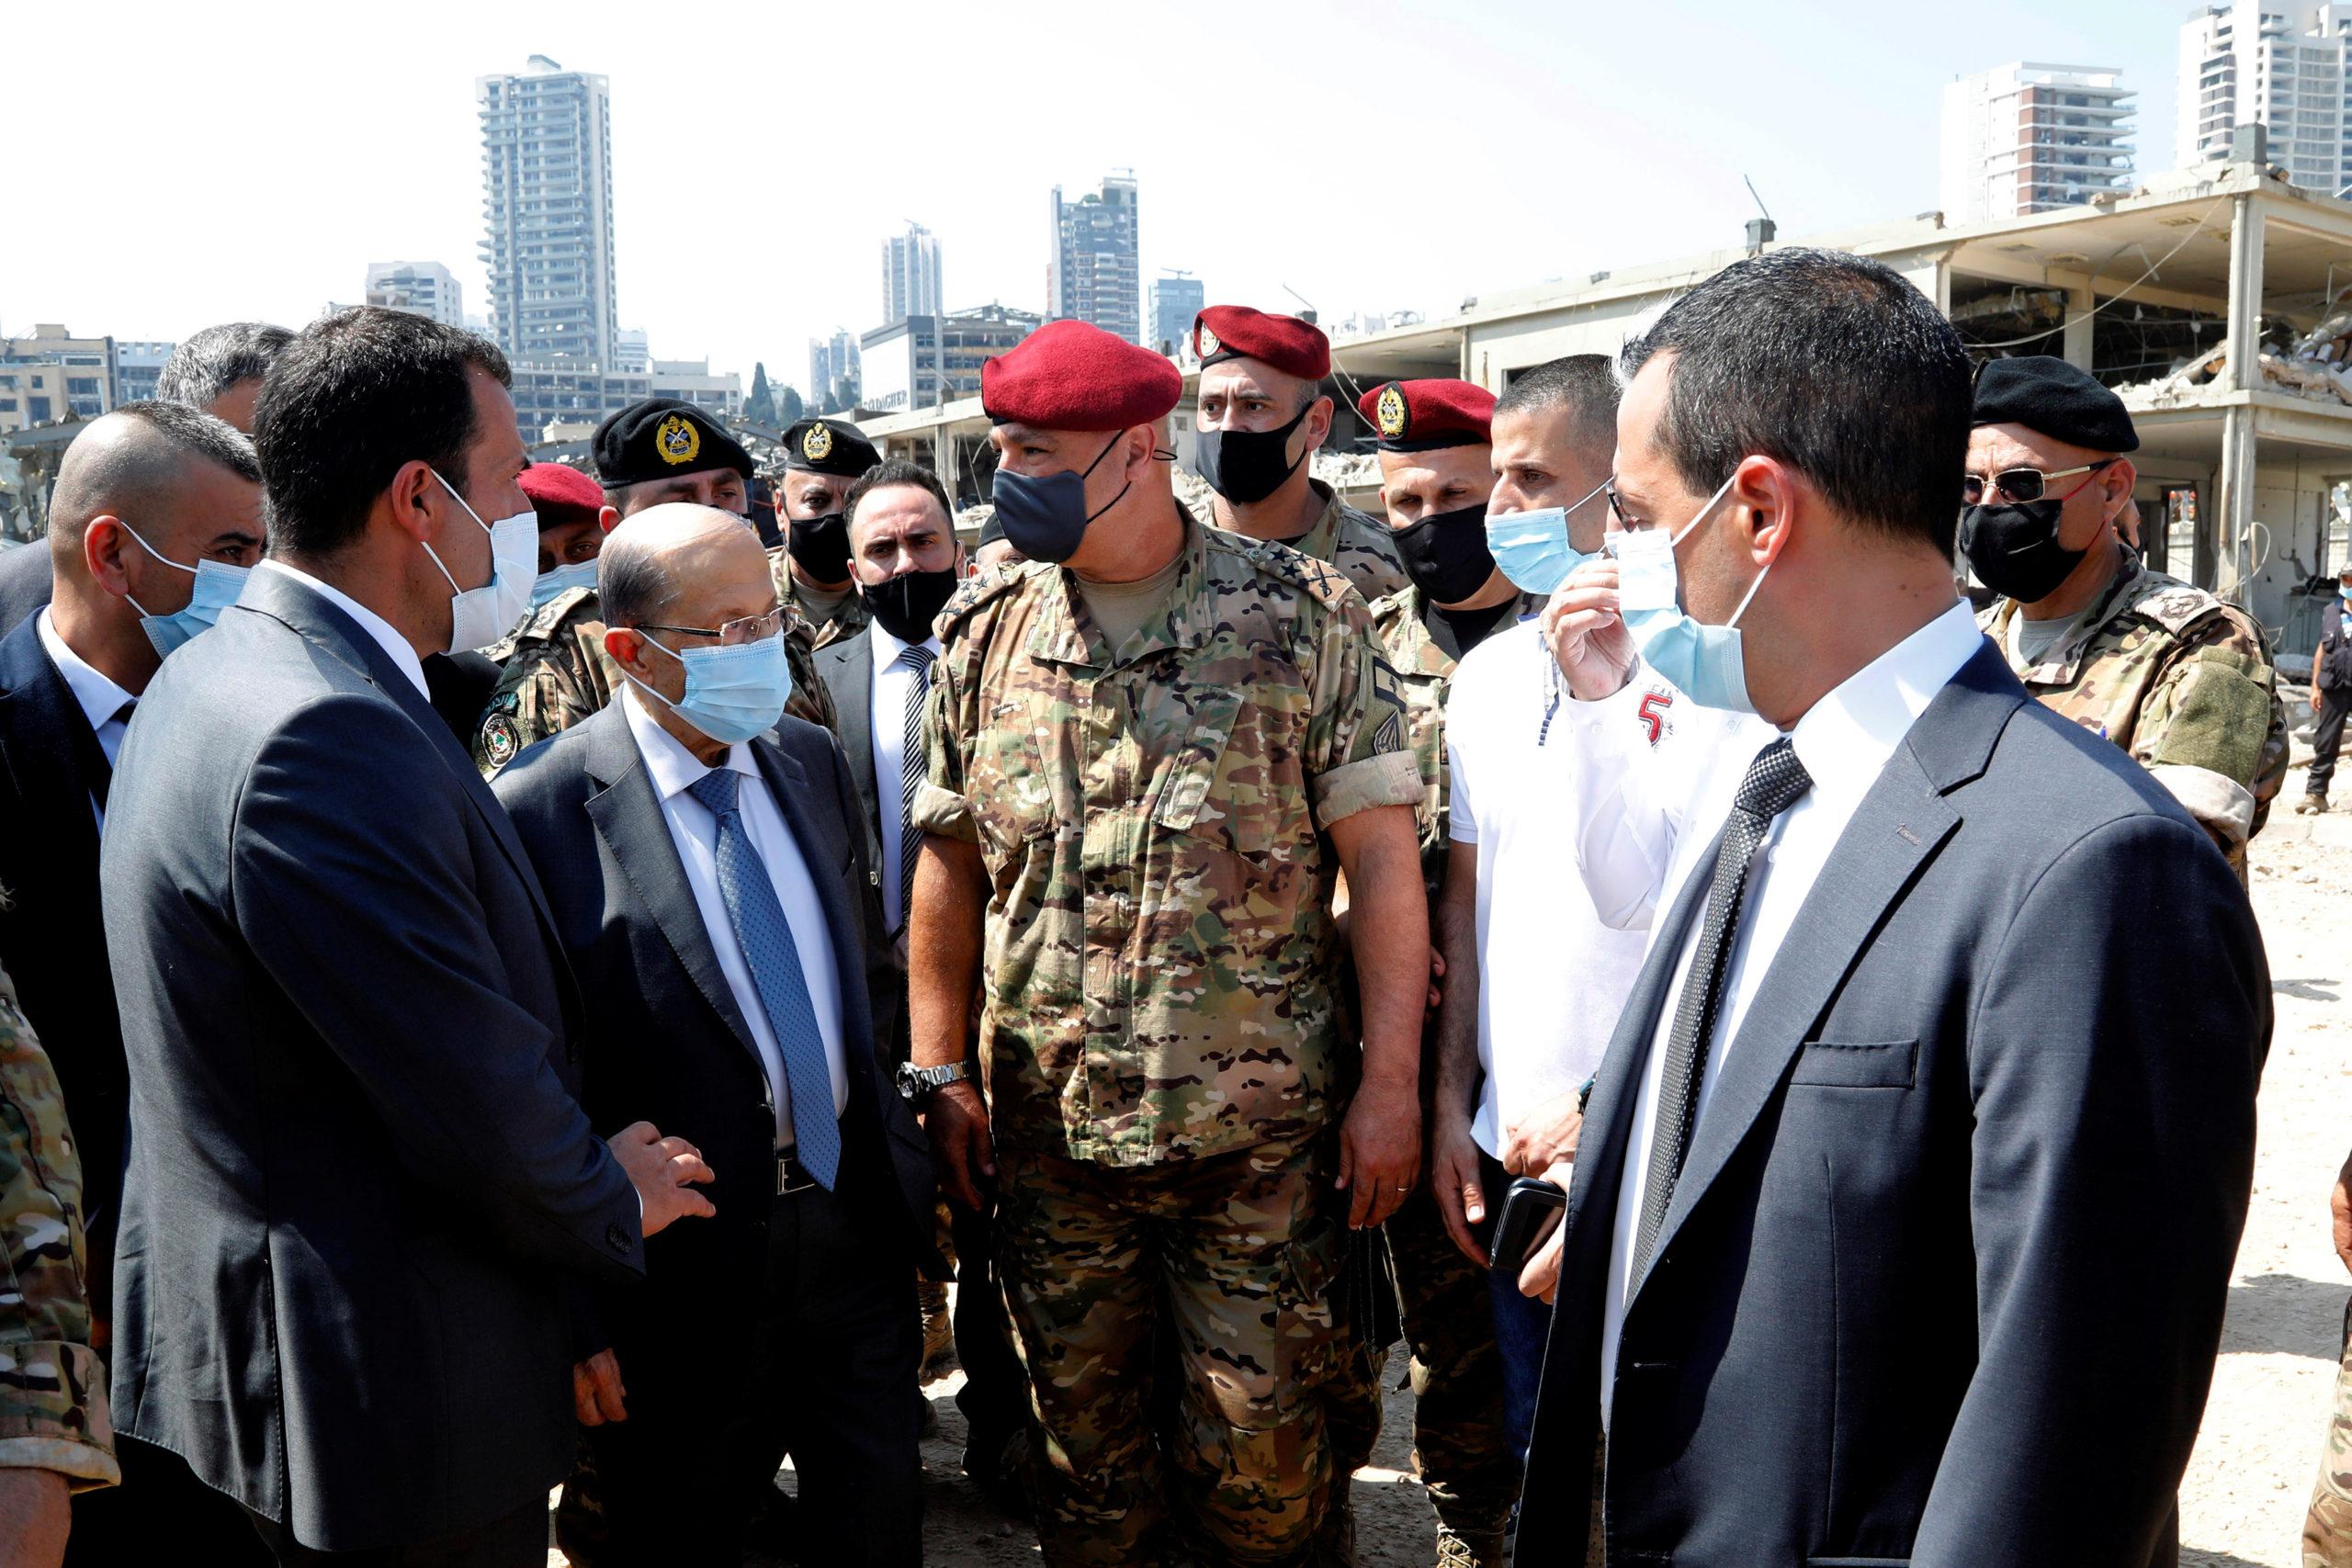 Beyrouth en état de choc, le bilan de l'explosion dépasse 100 morts